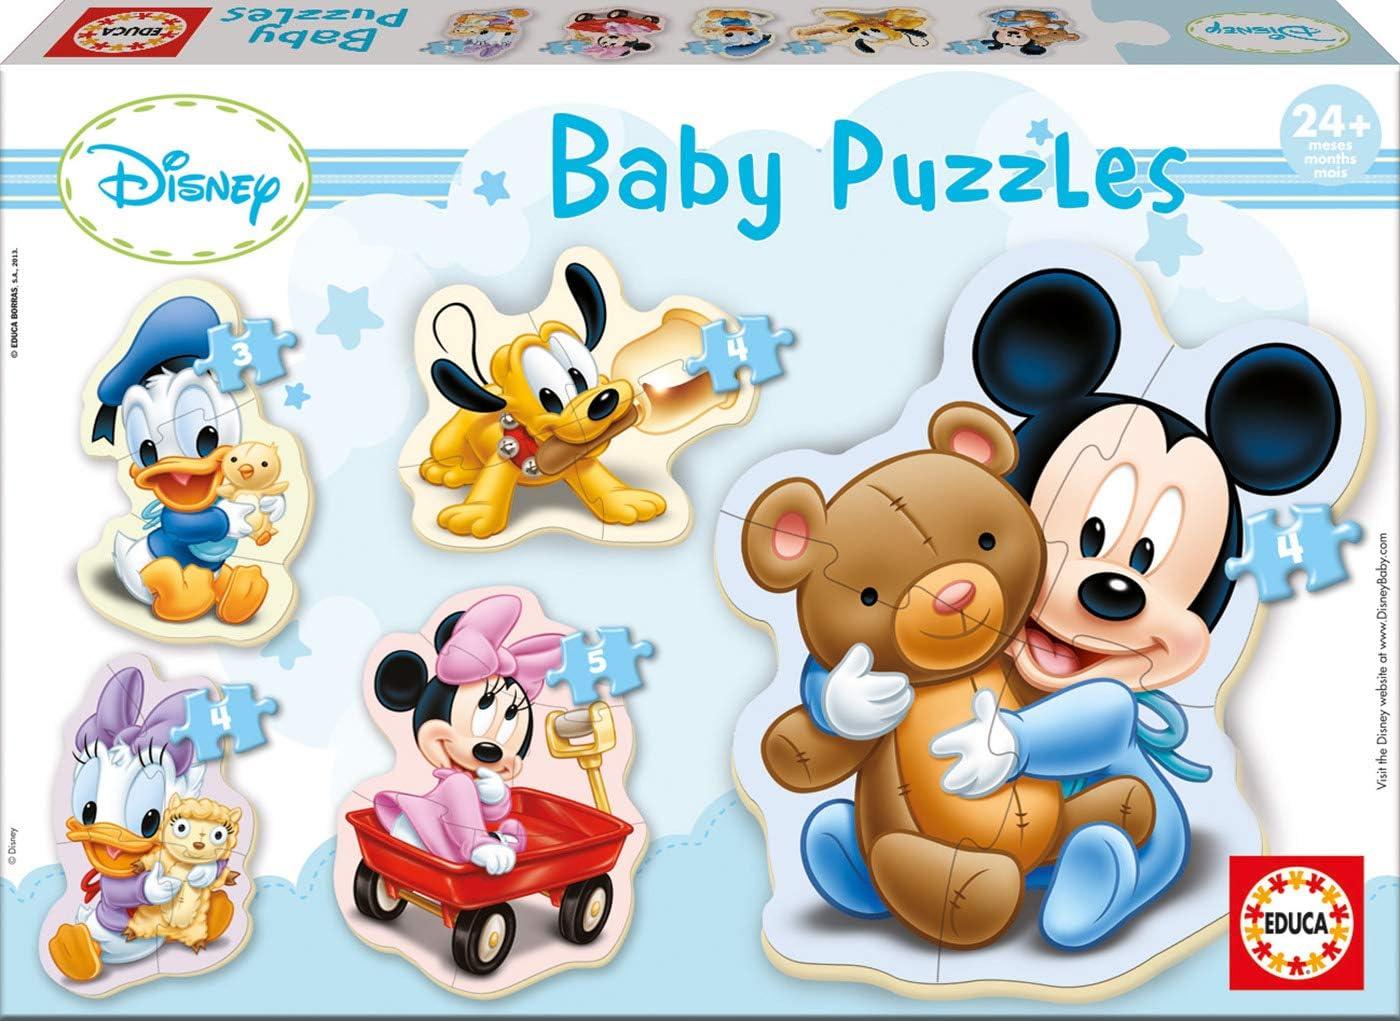 Educa - Baby Puzzles, puzzle infantil Baby Mickey, 5 puzzles progresivos de 3 a 5 piezas, a partir de 24 meses (13813)